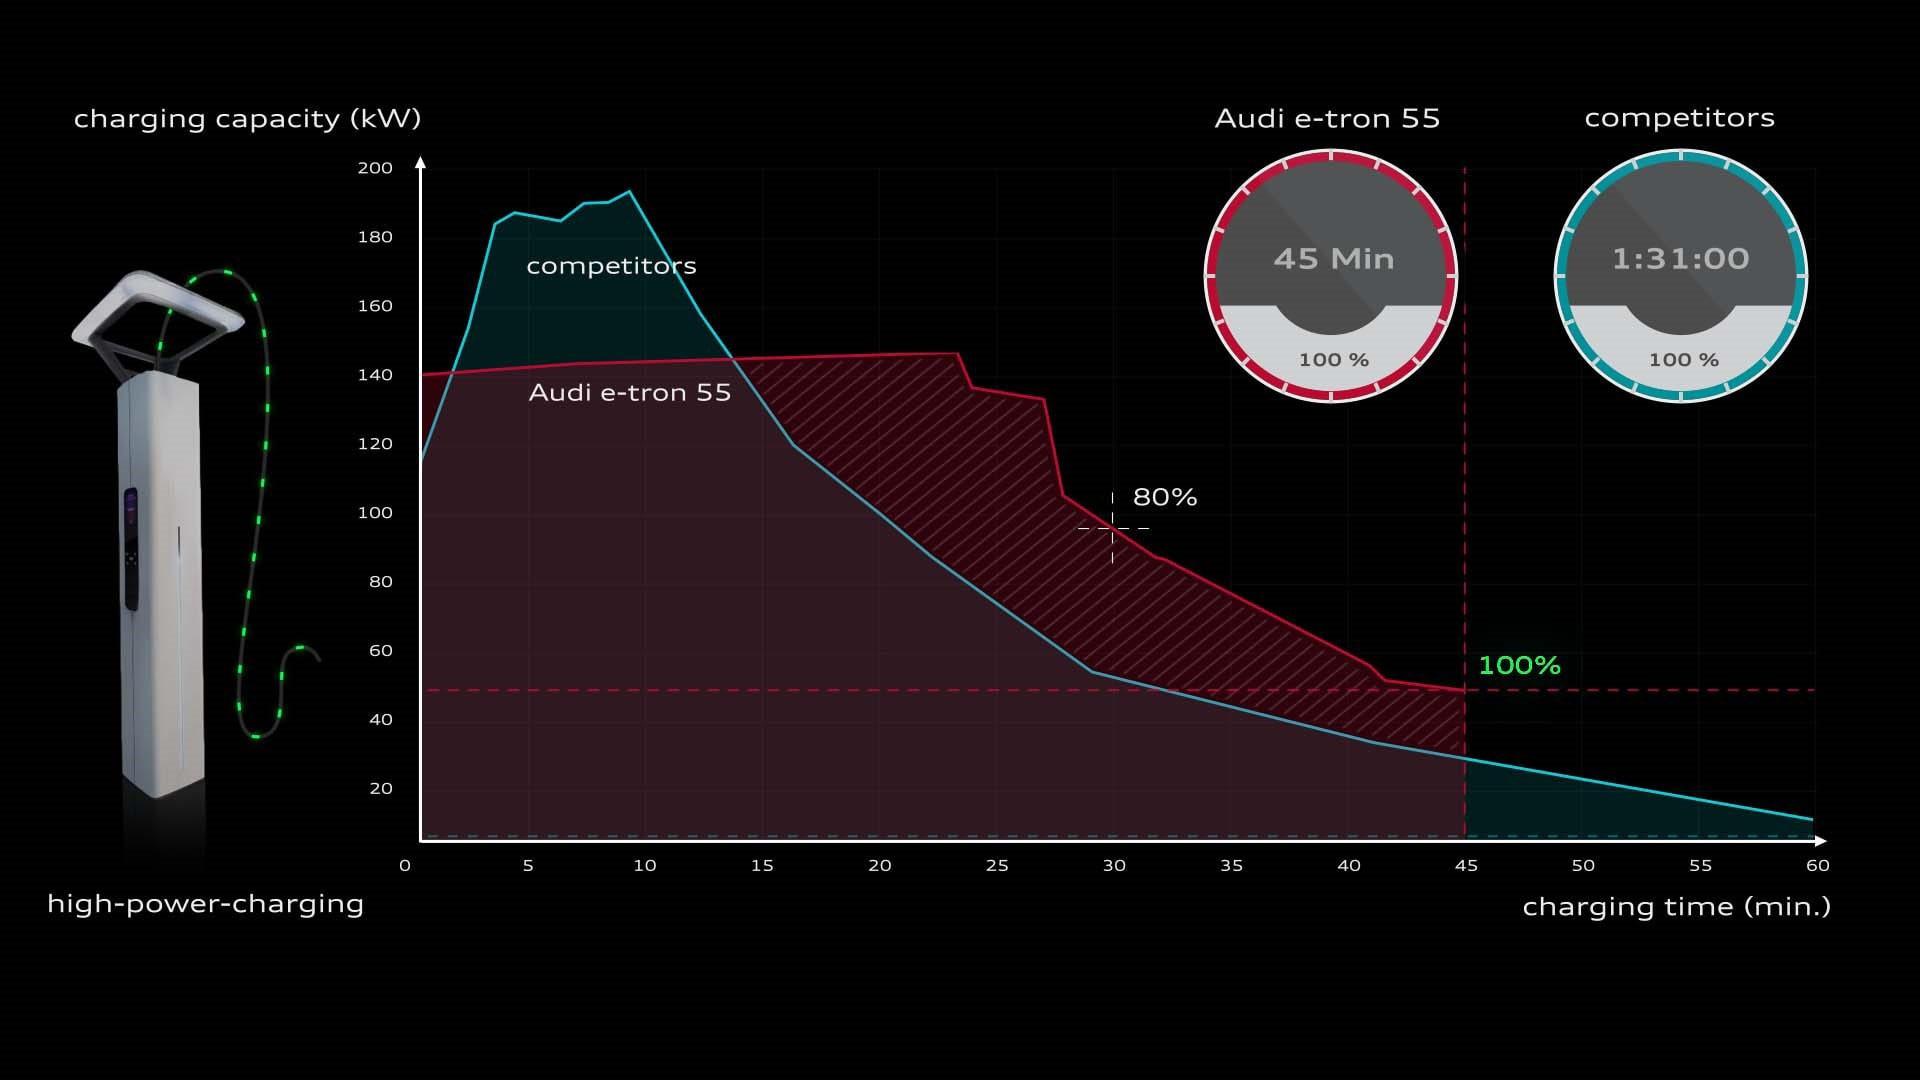 Γραφική παράσταση καμπύλης φόρτισης του Audi e-tron σε σύγκριση με τους ανταγωνιστές του